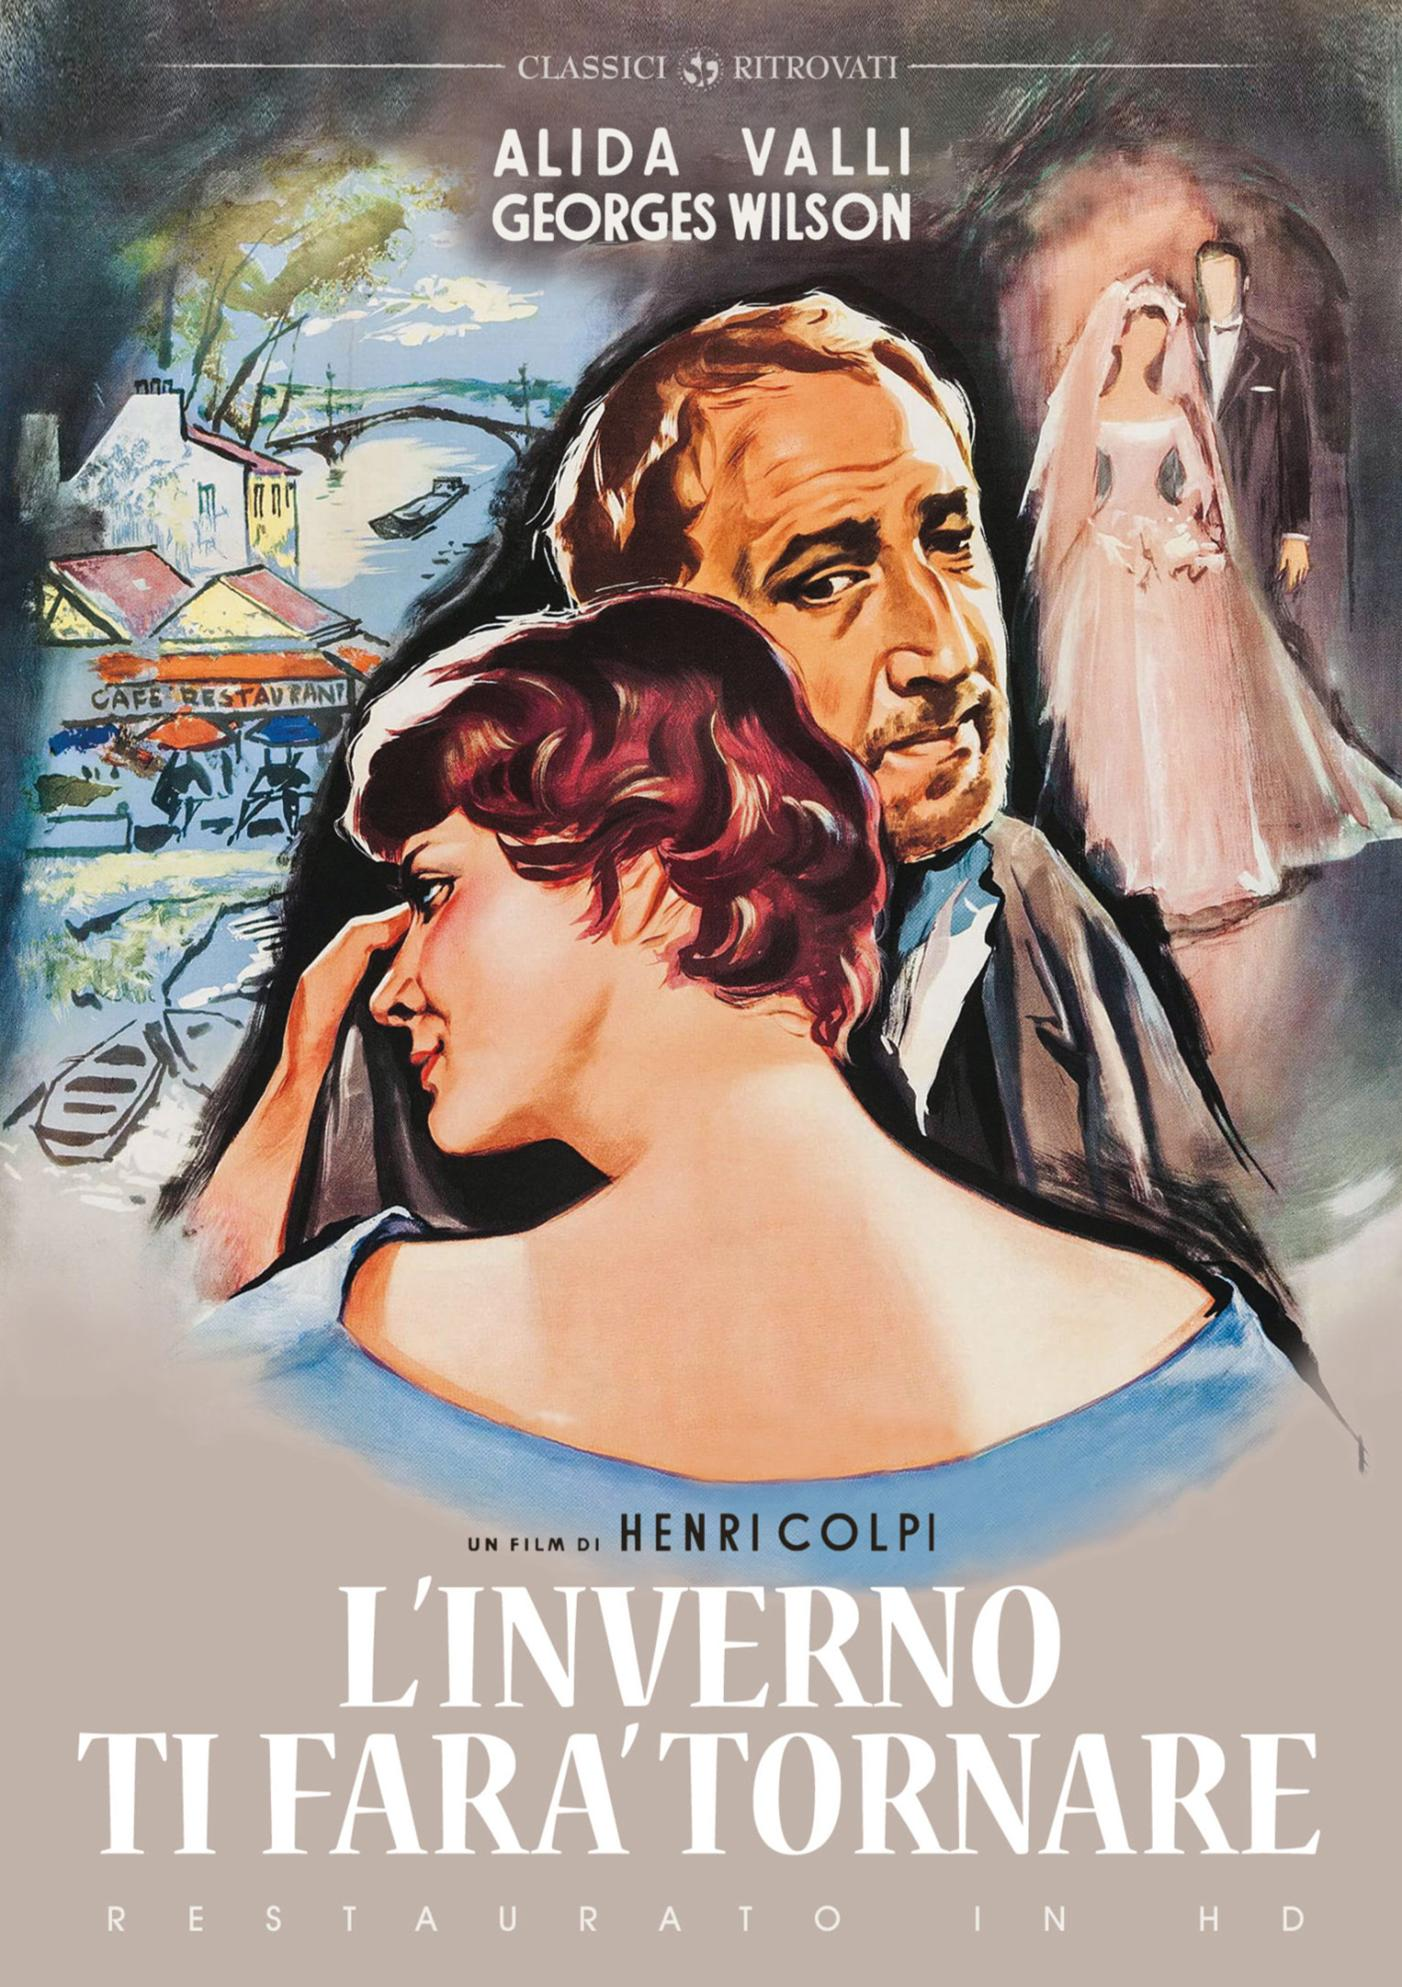 L'INVERNO TI FARA' TORNARE (RESTAURATO IN HD) (DVD)